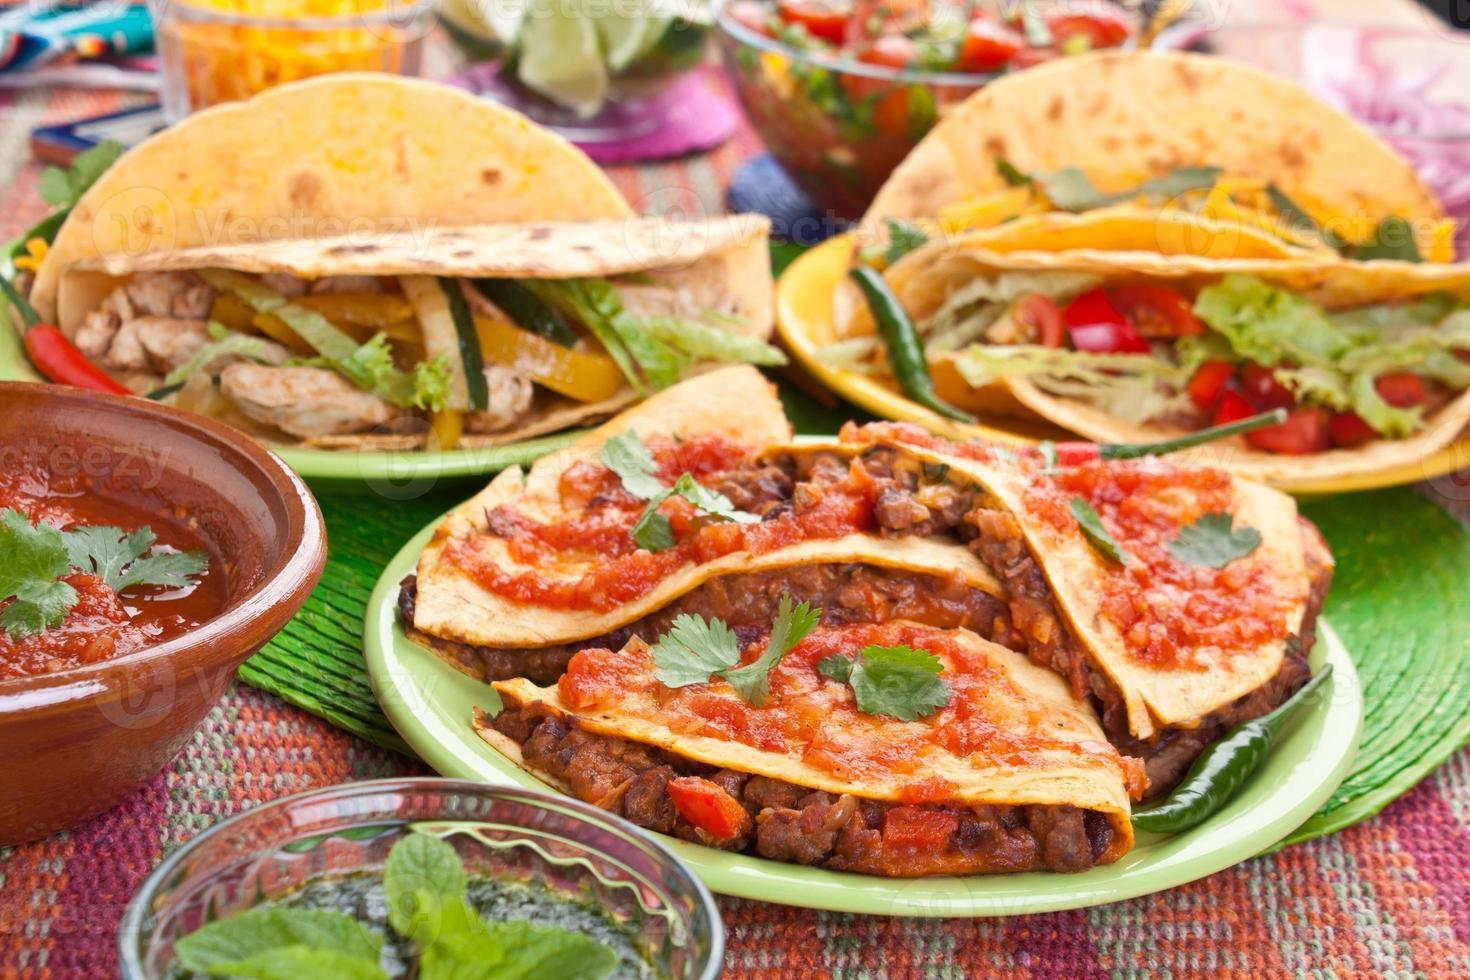 comida mexicana tradicional colorida foto